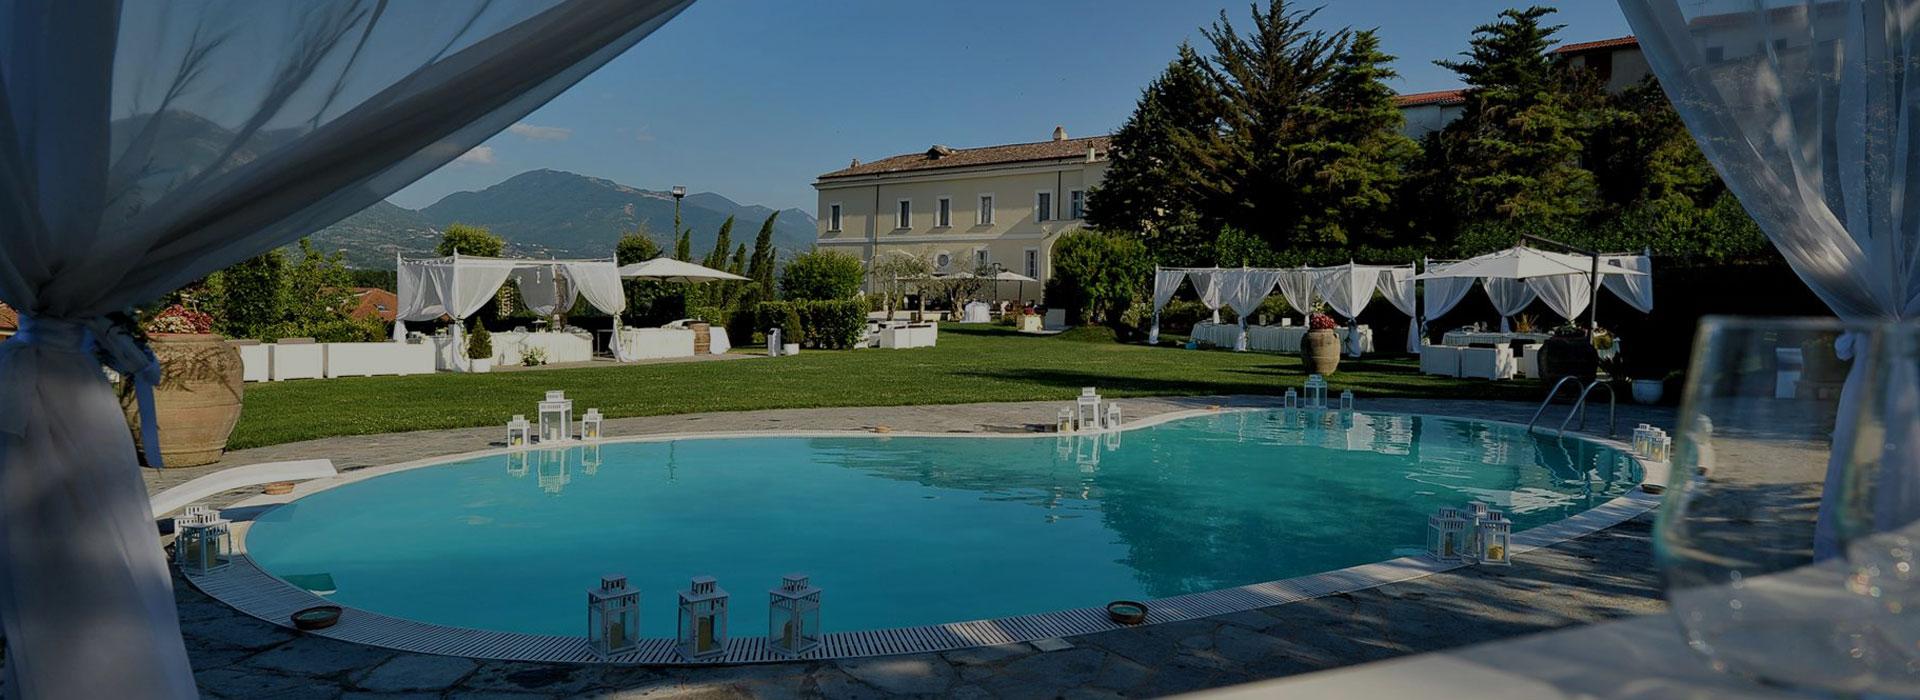 Villa location per matrimoni cerimonie ricevimenti e for Mobilifici caserta e provincia